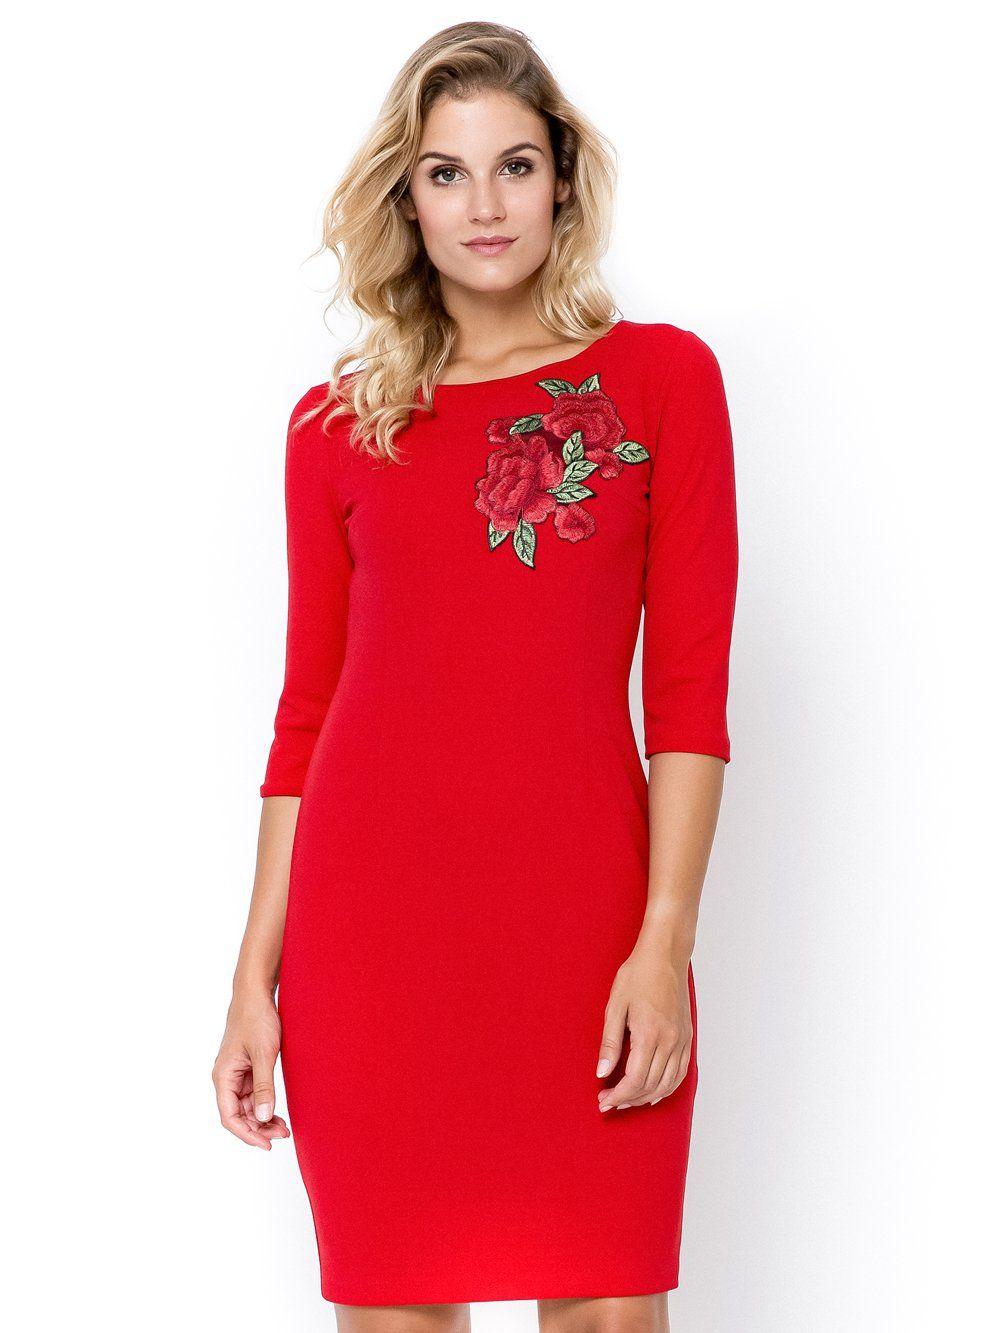 5ced4e735d SASHA ponownie dostępna w pełnej rozmiarówce 40-56  lt 3  sukienkixxl   sukienkixl